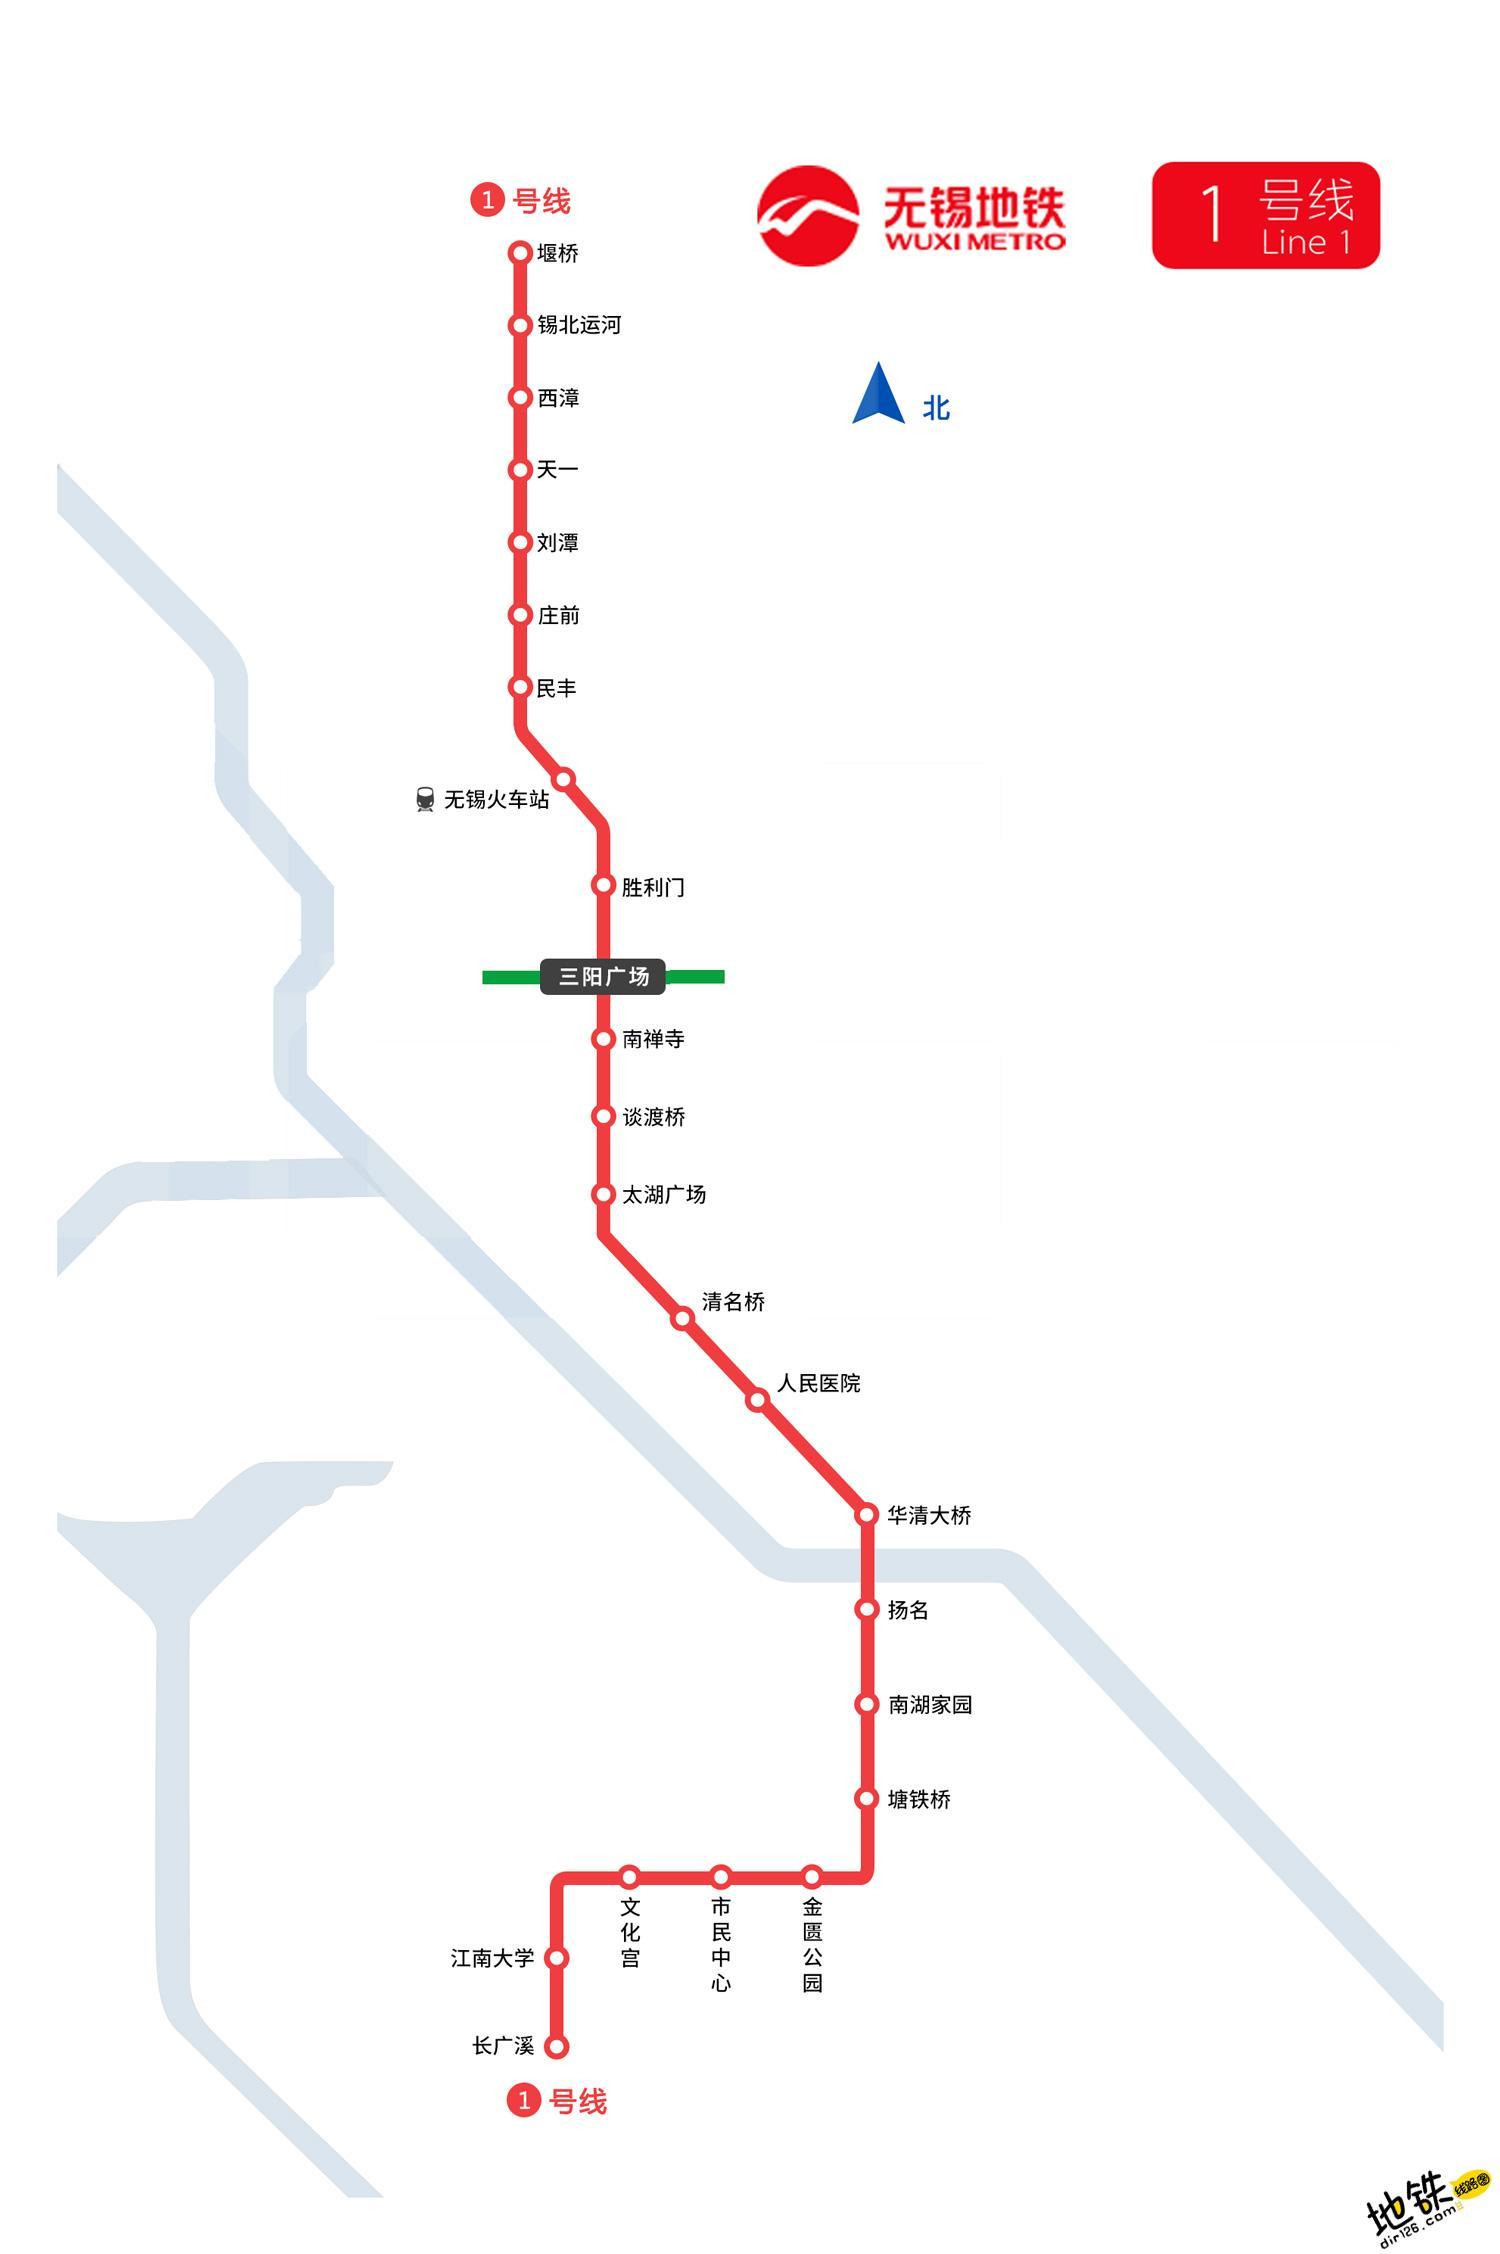 无锡地铁1号线线路图 运营时间票价站点 查询下载 无锡地铁1号线查询 无锡地铁1号线运营时间 无锡地铁1号线线路图 无锡地铁1号线 无锡地铁一号线 无锡地铁线路图  第2张